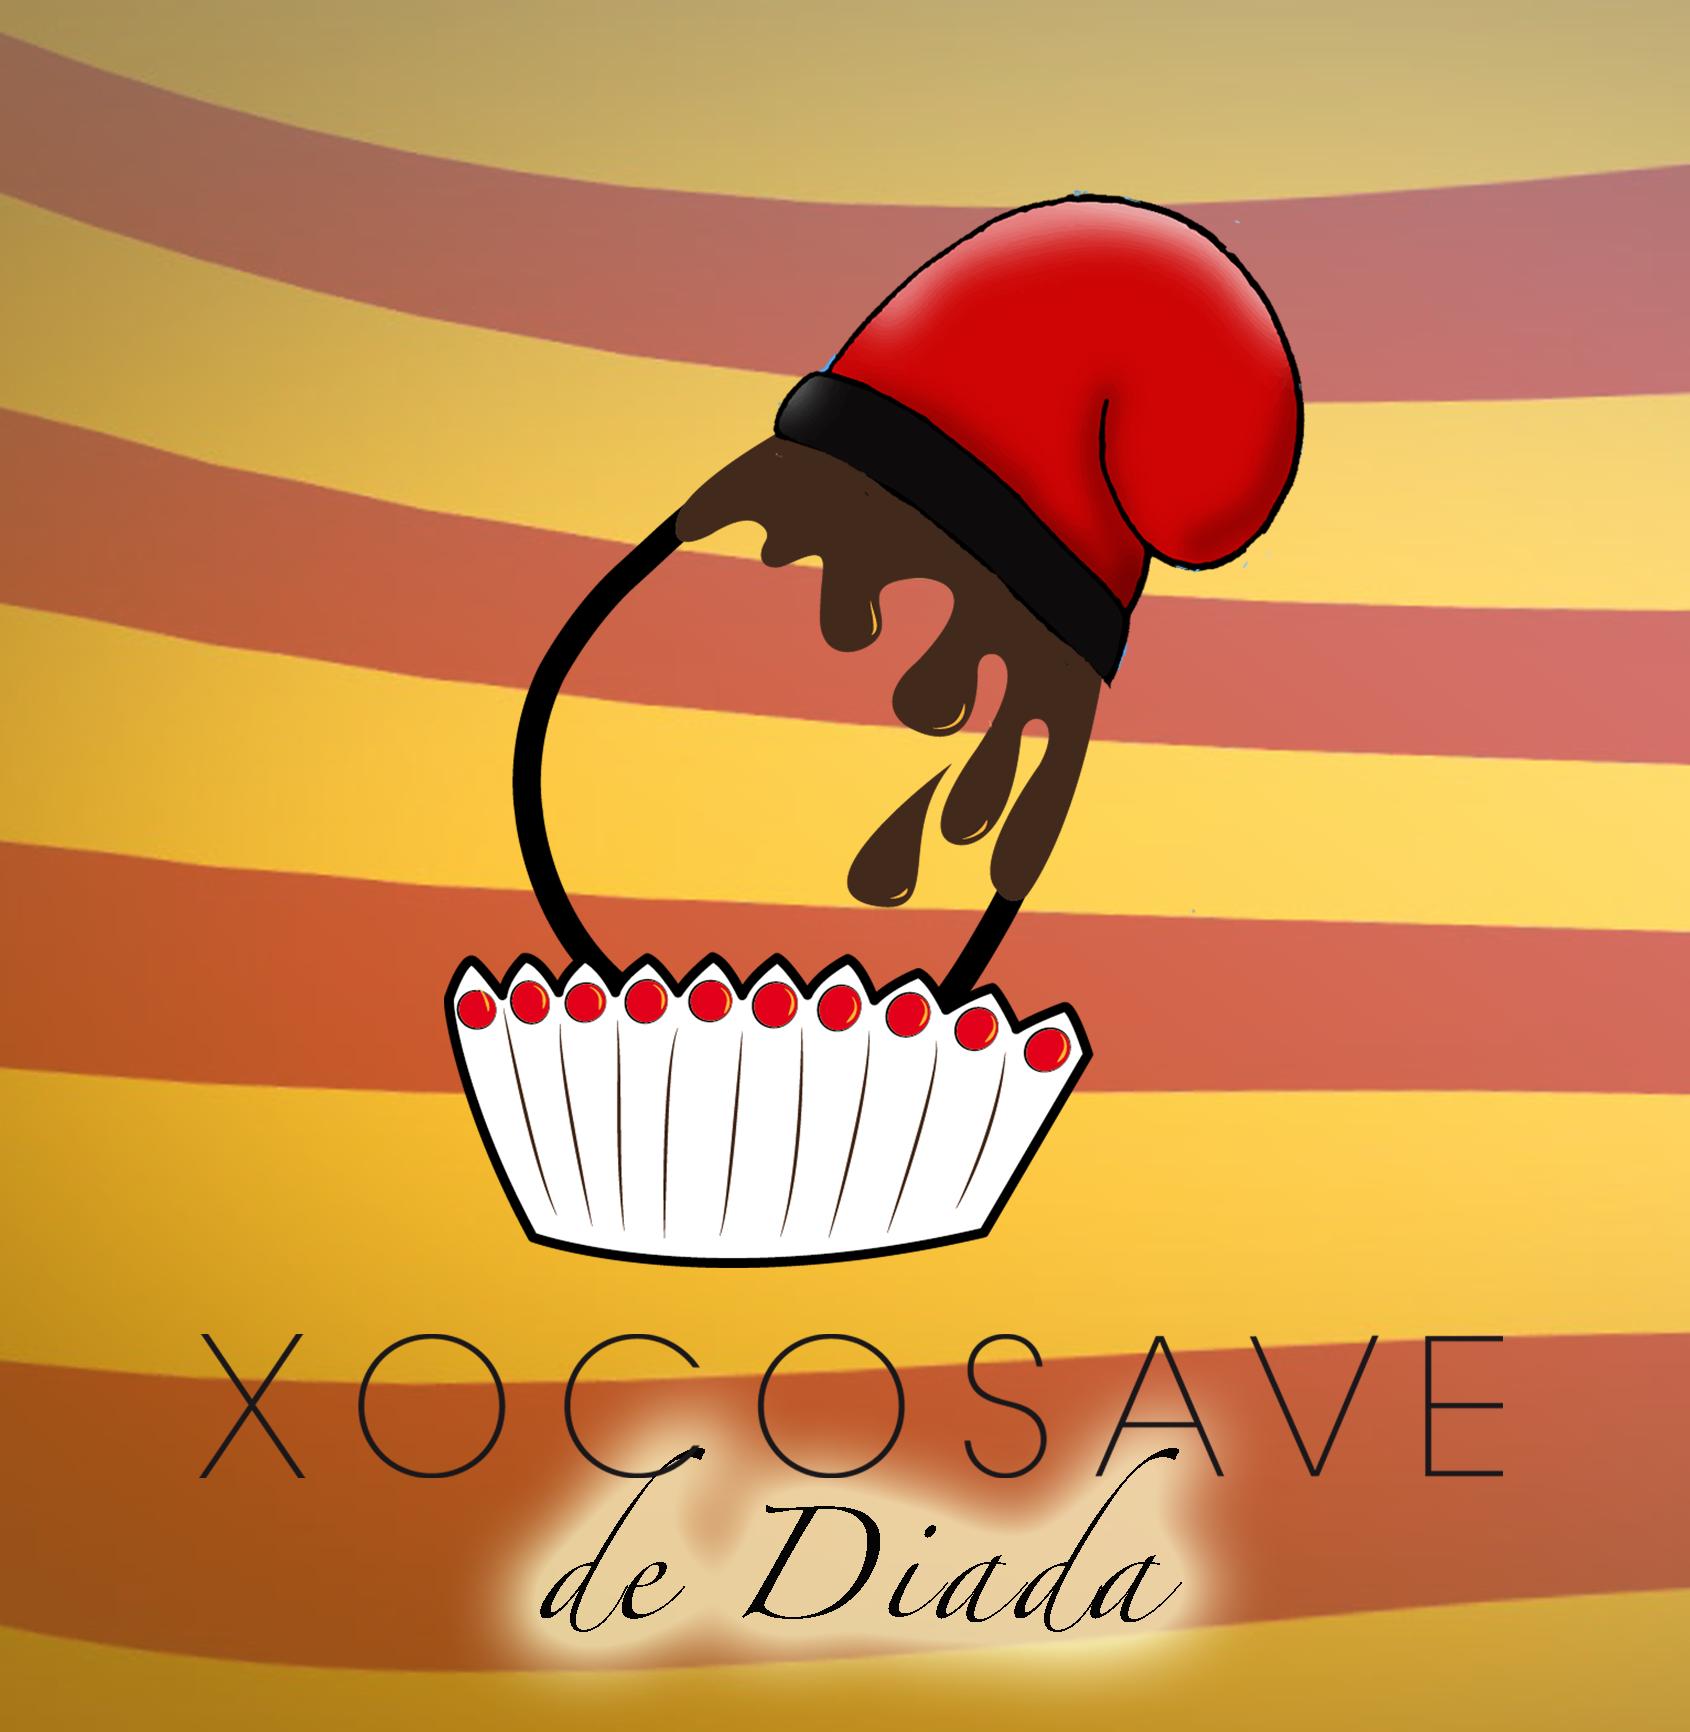 Xocosave de Diada.png